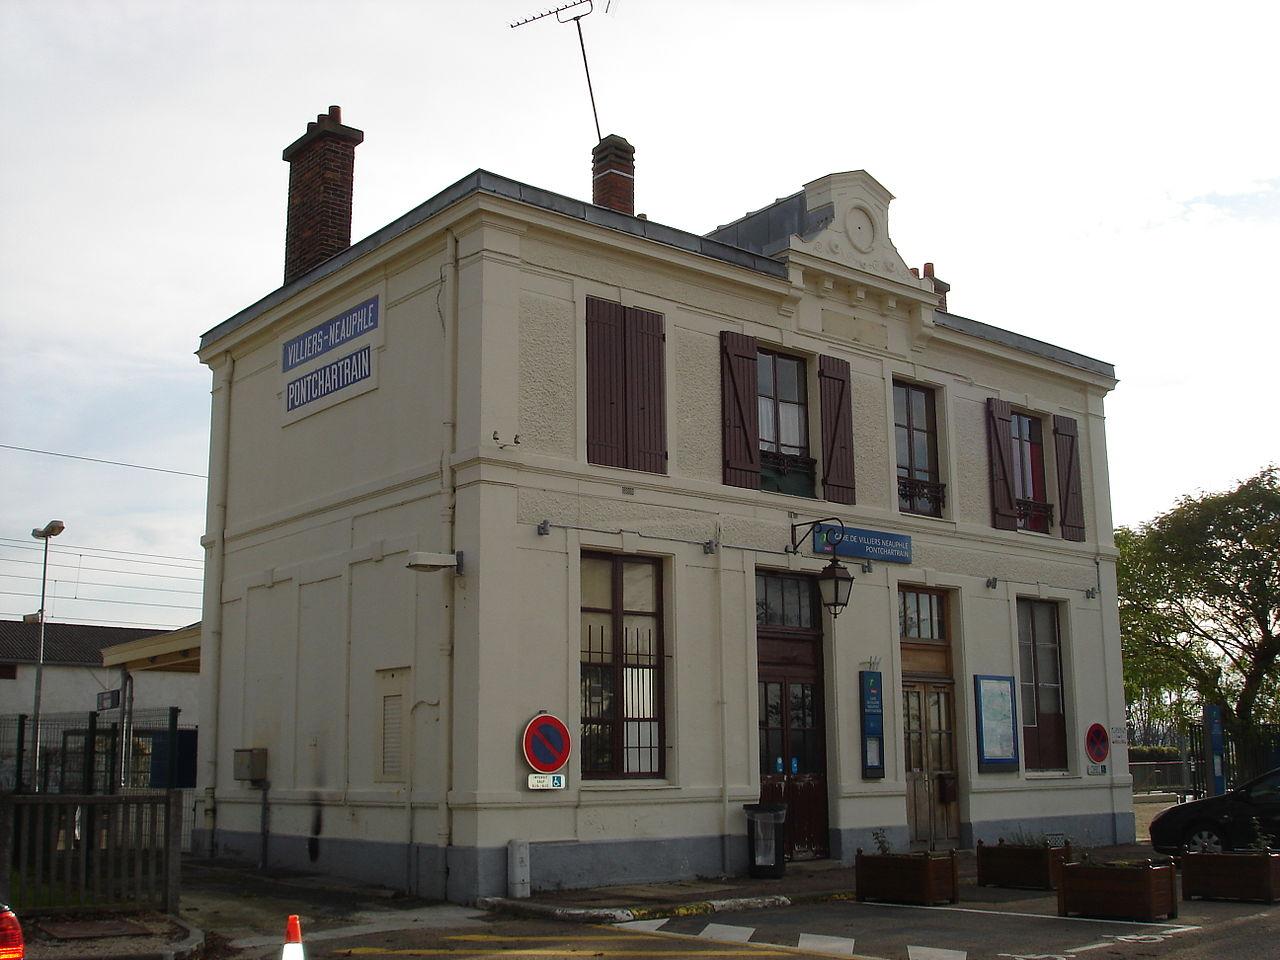 gare_de_villiers_-_neauphle_-_pontchartrain